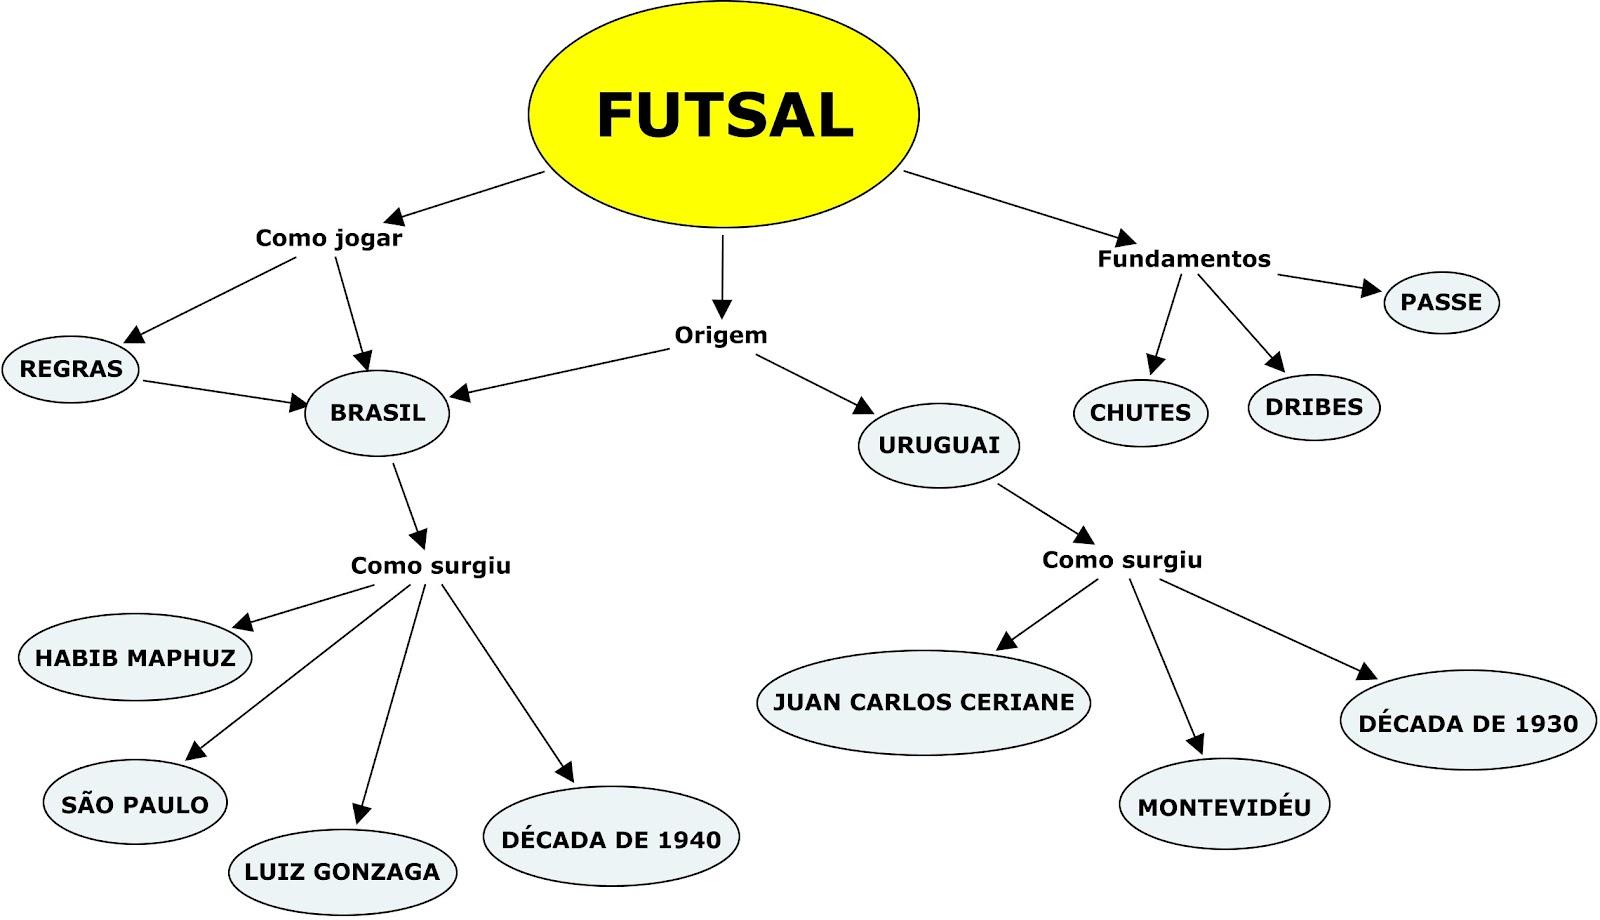 3af7a4adf66c5 EDUCAÇÃO FÍSICA NO CASTRO ALVES  MAPA CONCEITUAL - FUTSAL